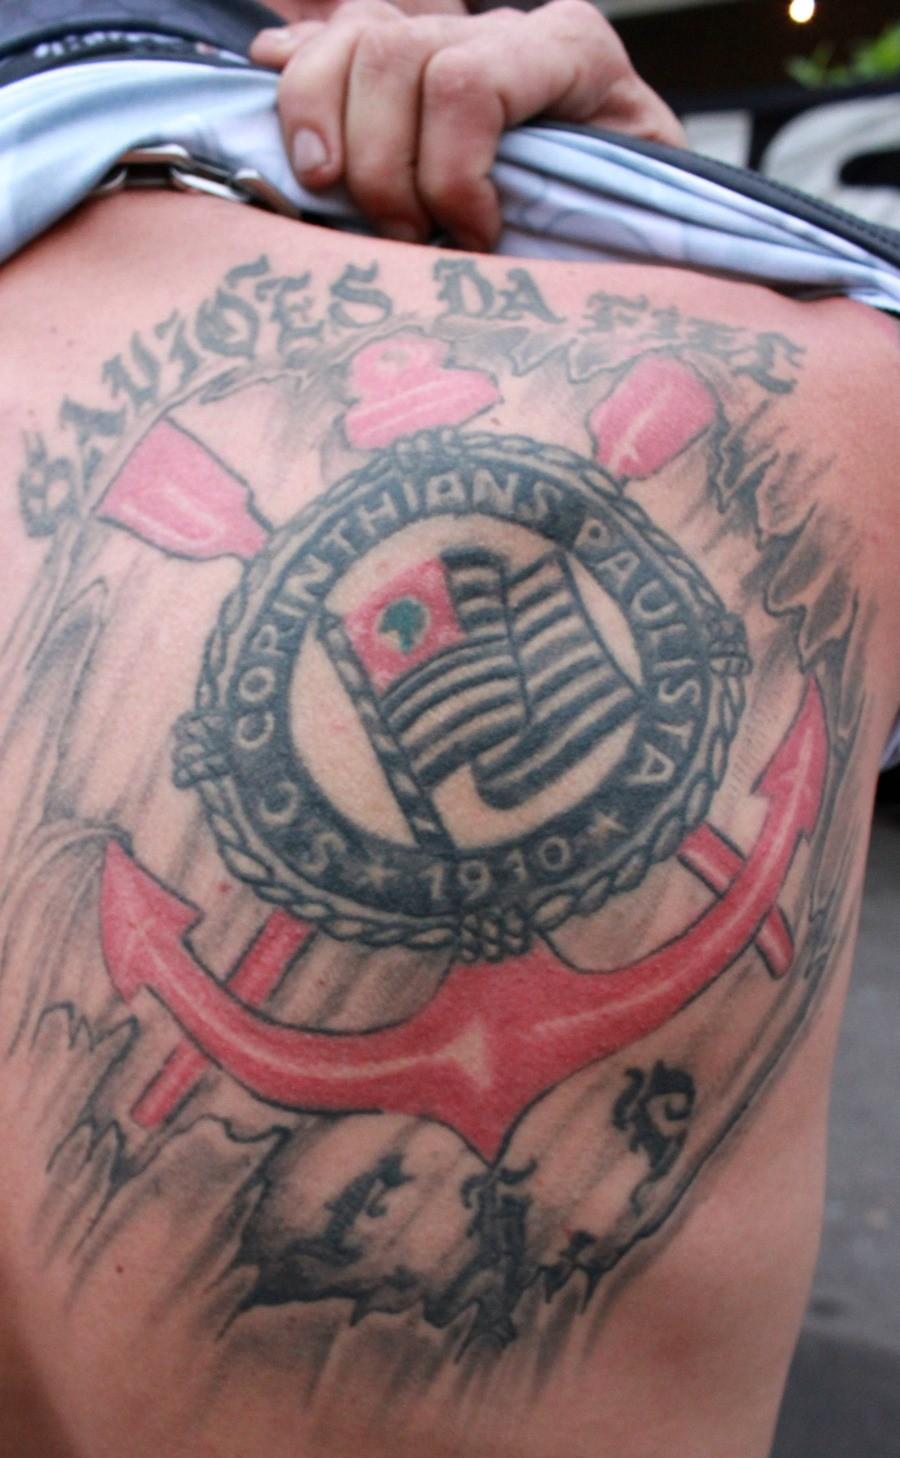 Torcedor tatua símbolo do Corinthians nas costas (Foto: Anderson Silva/Globoesporte.com)